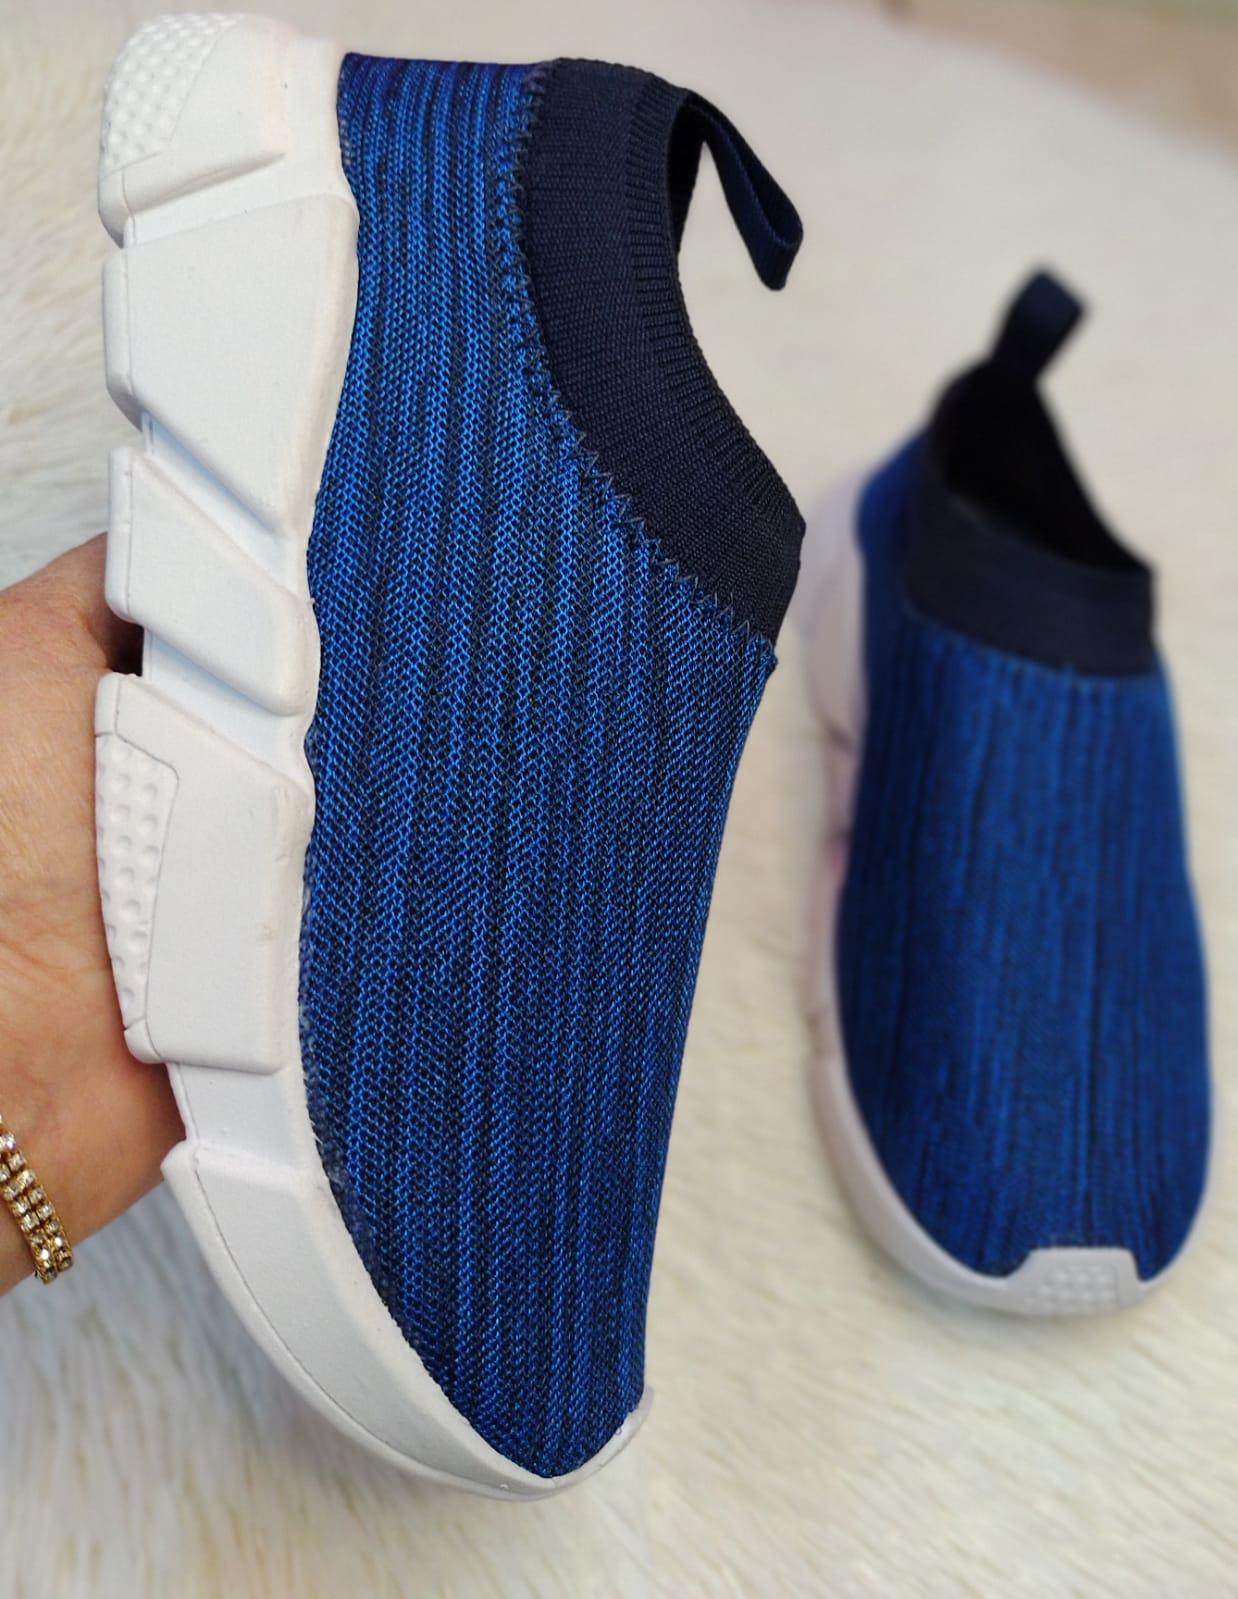 Tênis meia tecido na cor azul marinho.